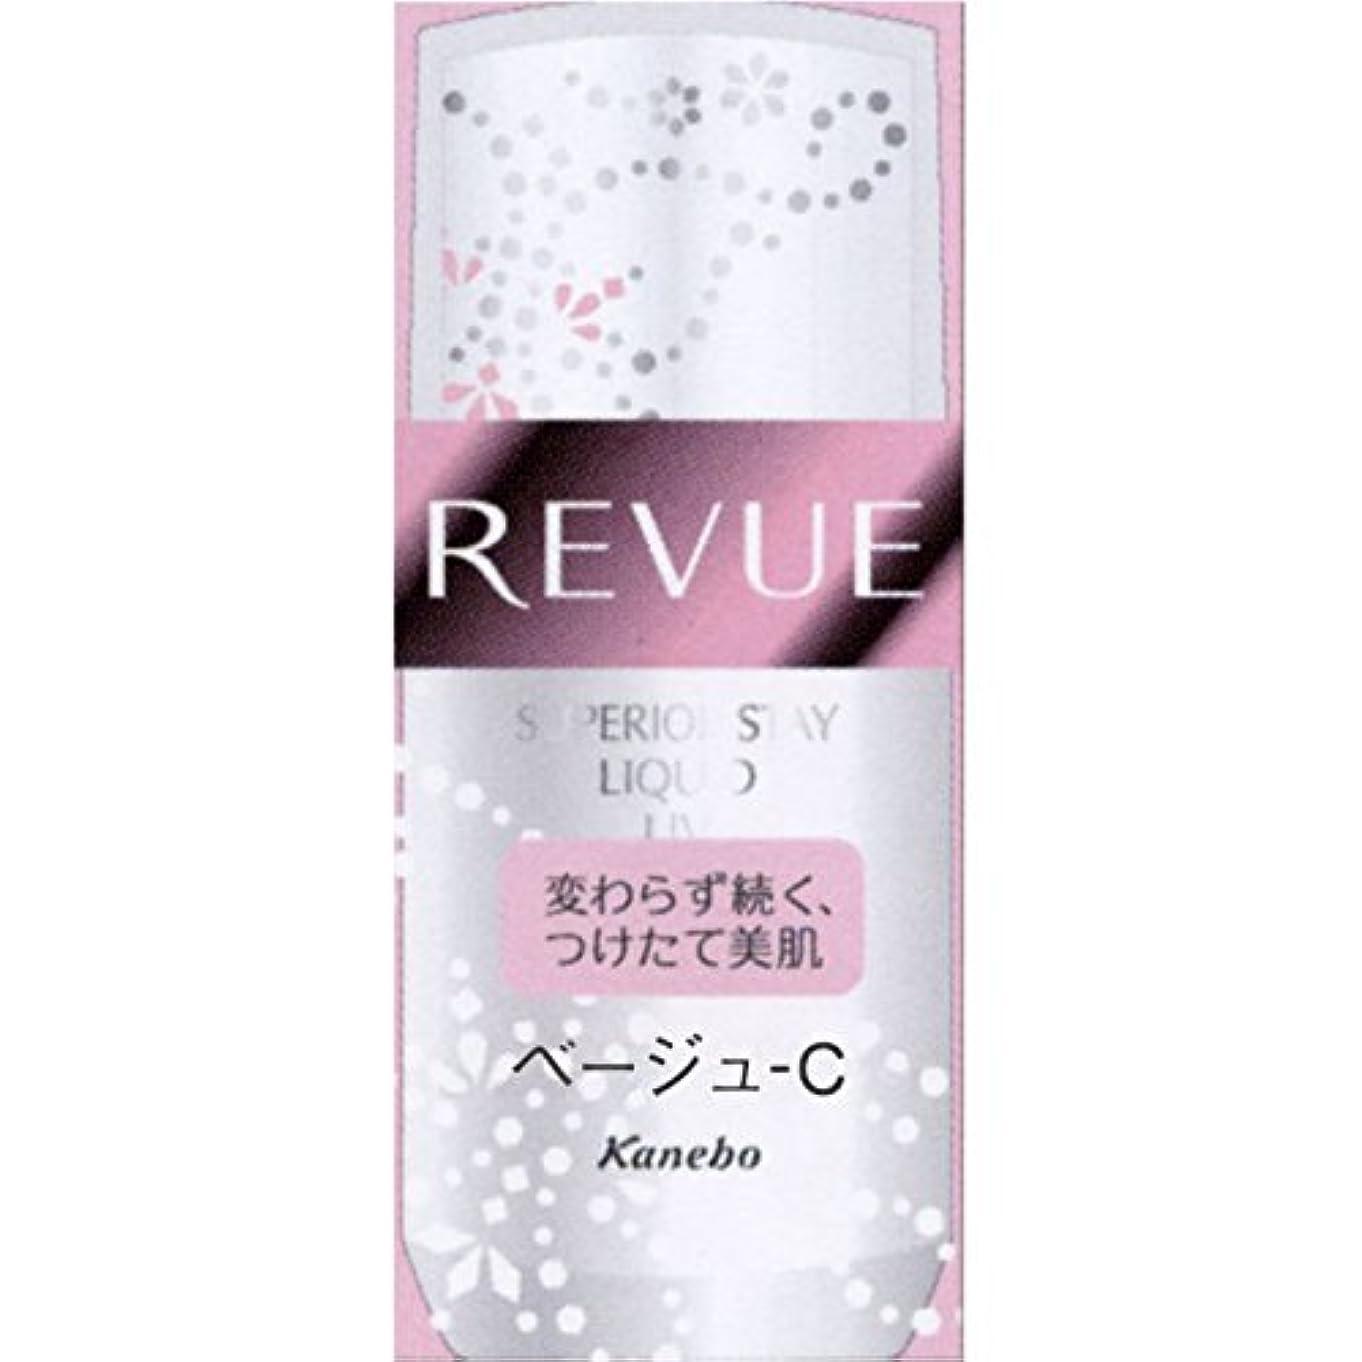 伝染性のおそらく原因カネボウレヴュー(REVUE)スーペリアステイリクイドUVn  カラー:ベージュC